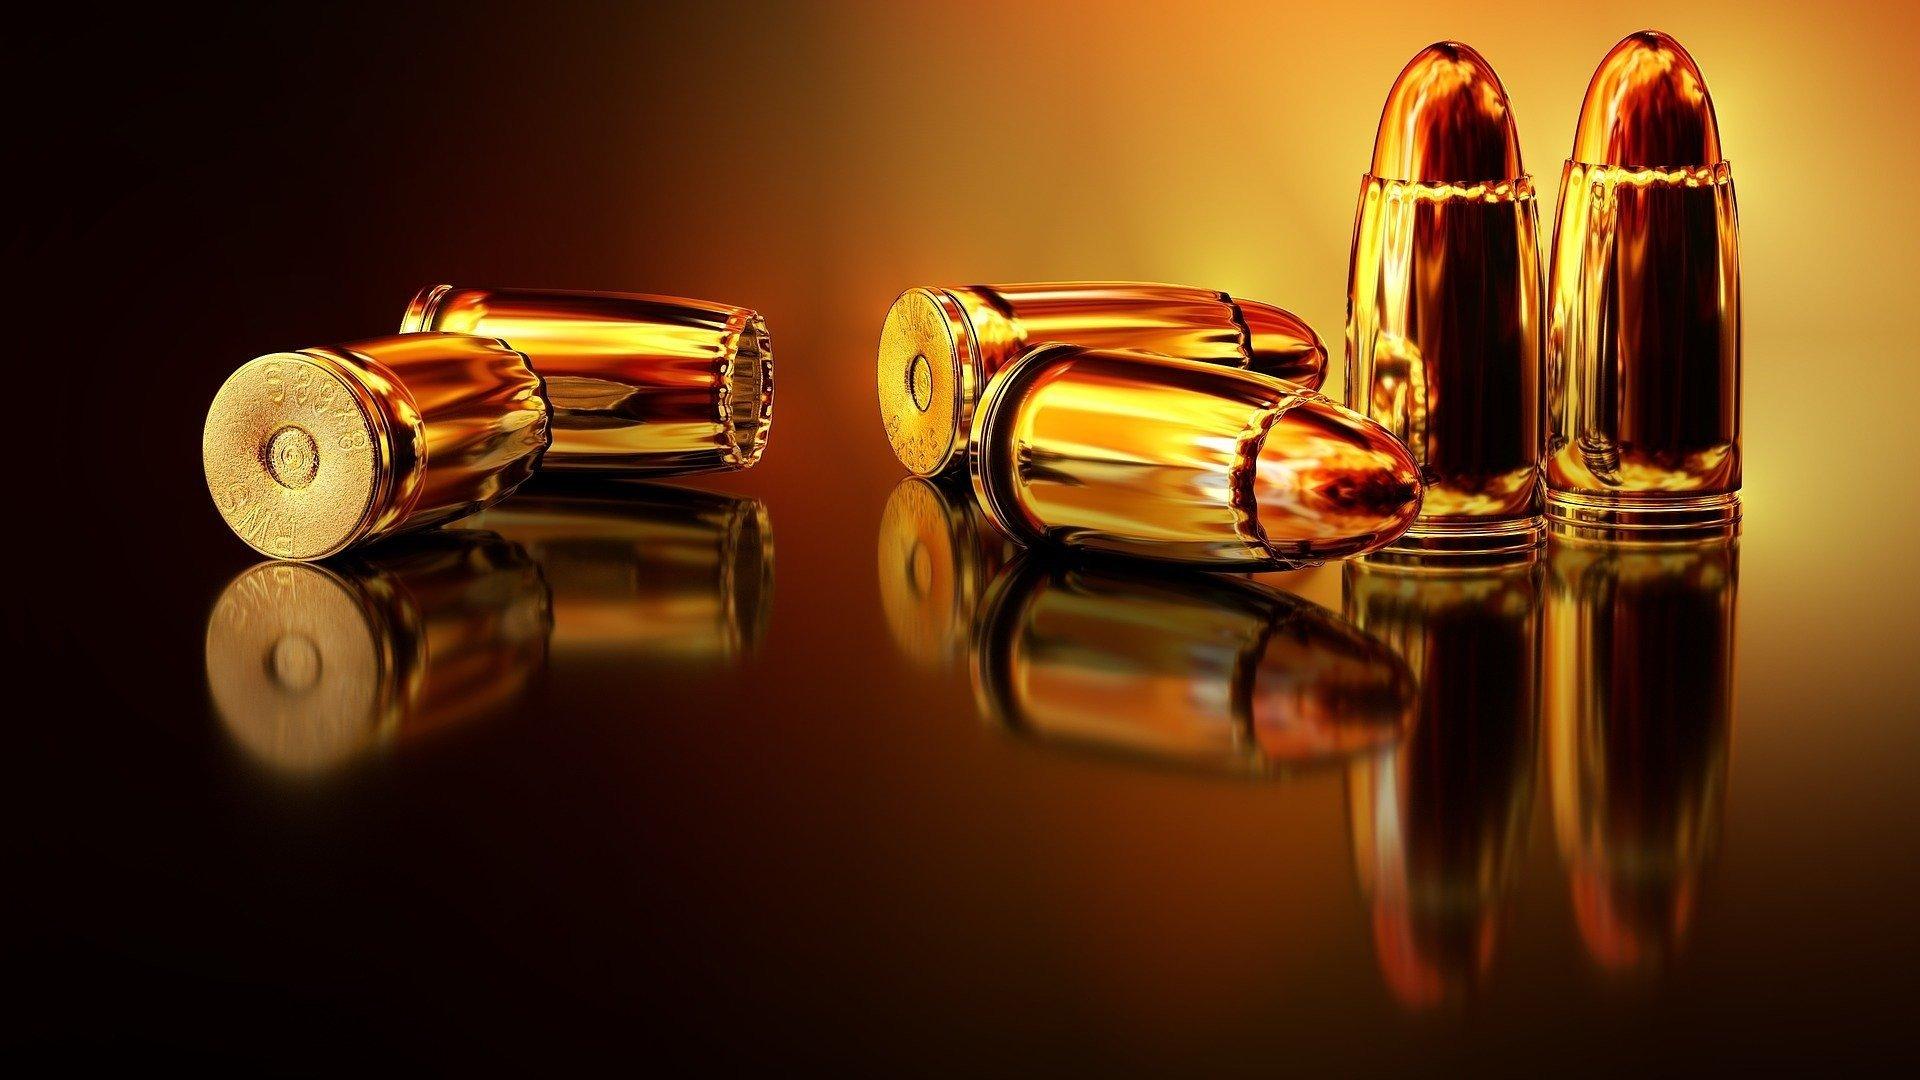 Суд в США заблокировал ограничения для покупки боеприпасов